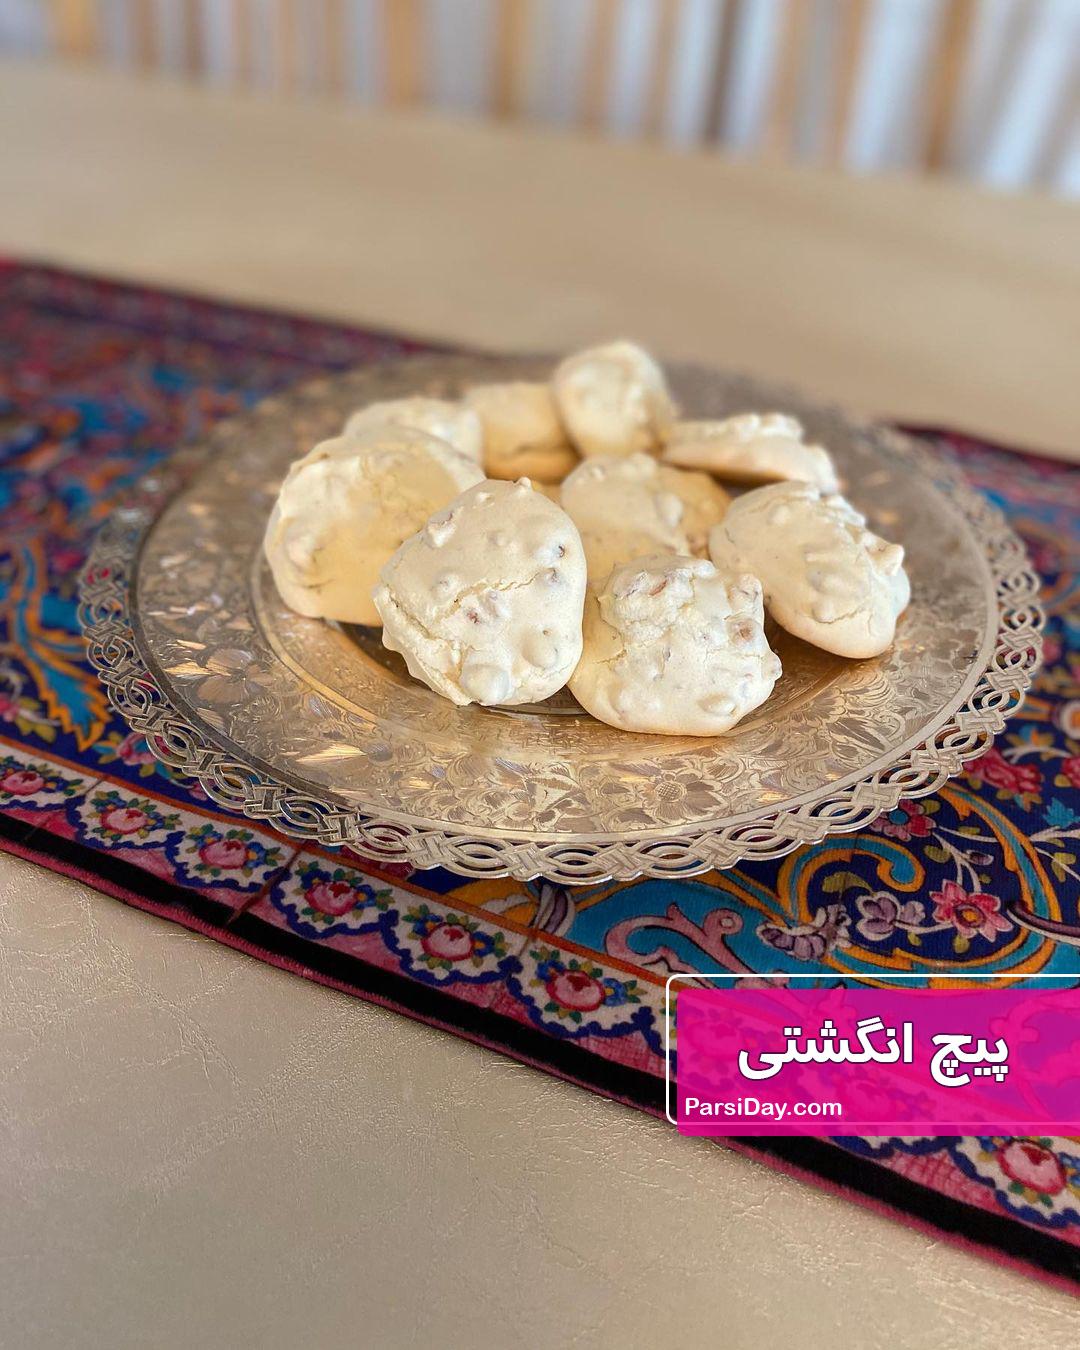 طرز تهیه شیرینی پیچ انگشتی گردویی ساده و خوشمزه تبریزی